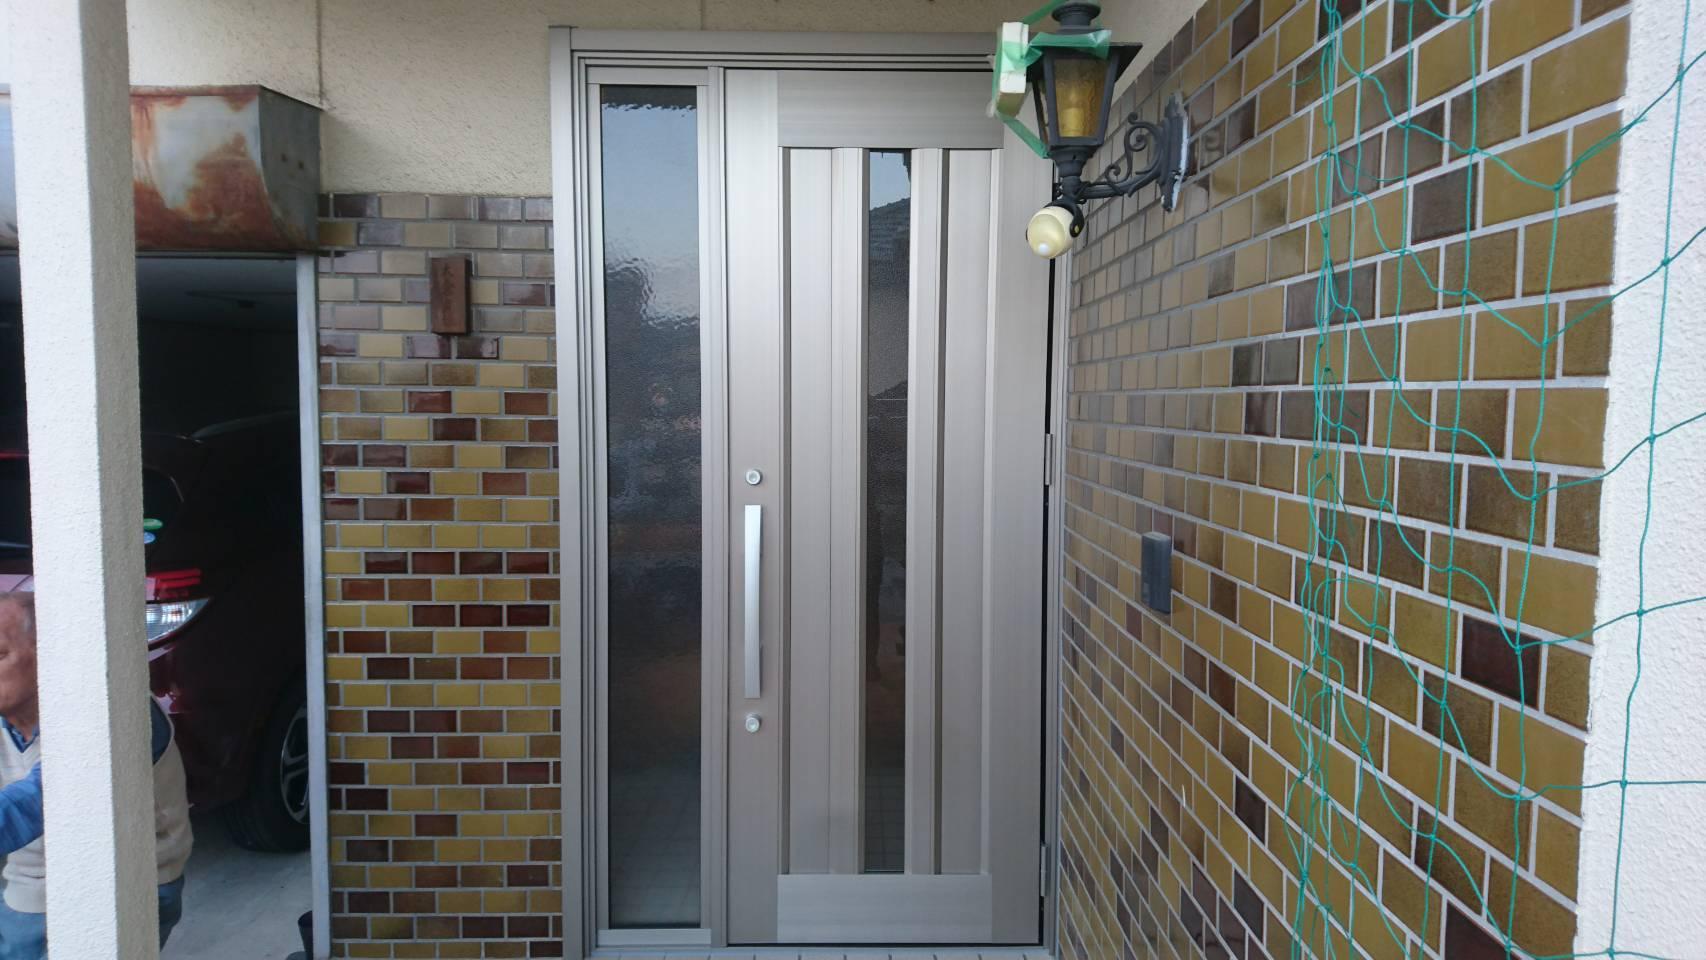 お手軽 玄関 取替えできます シーエス建材トーヨー住器の現場ブログ メイン写真